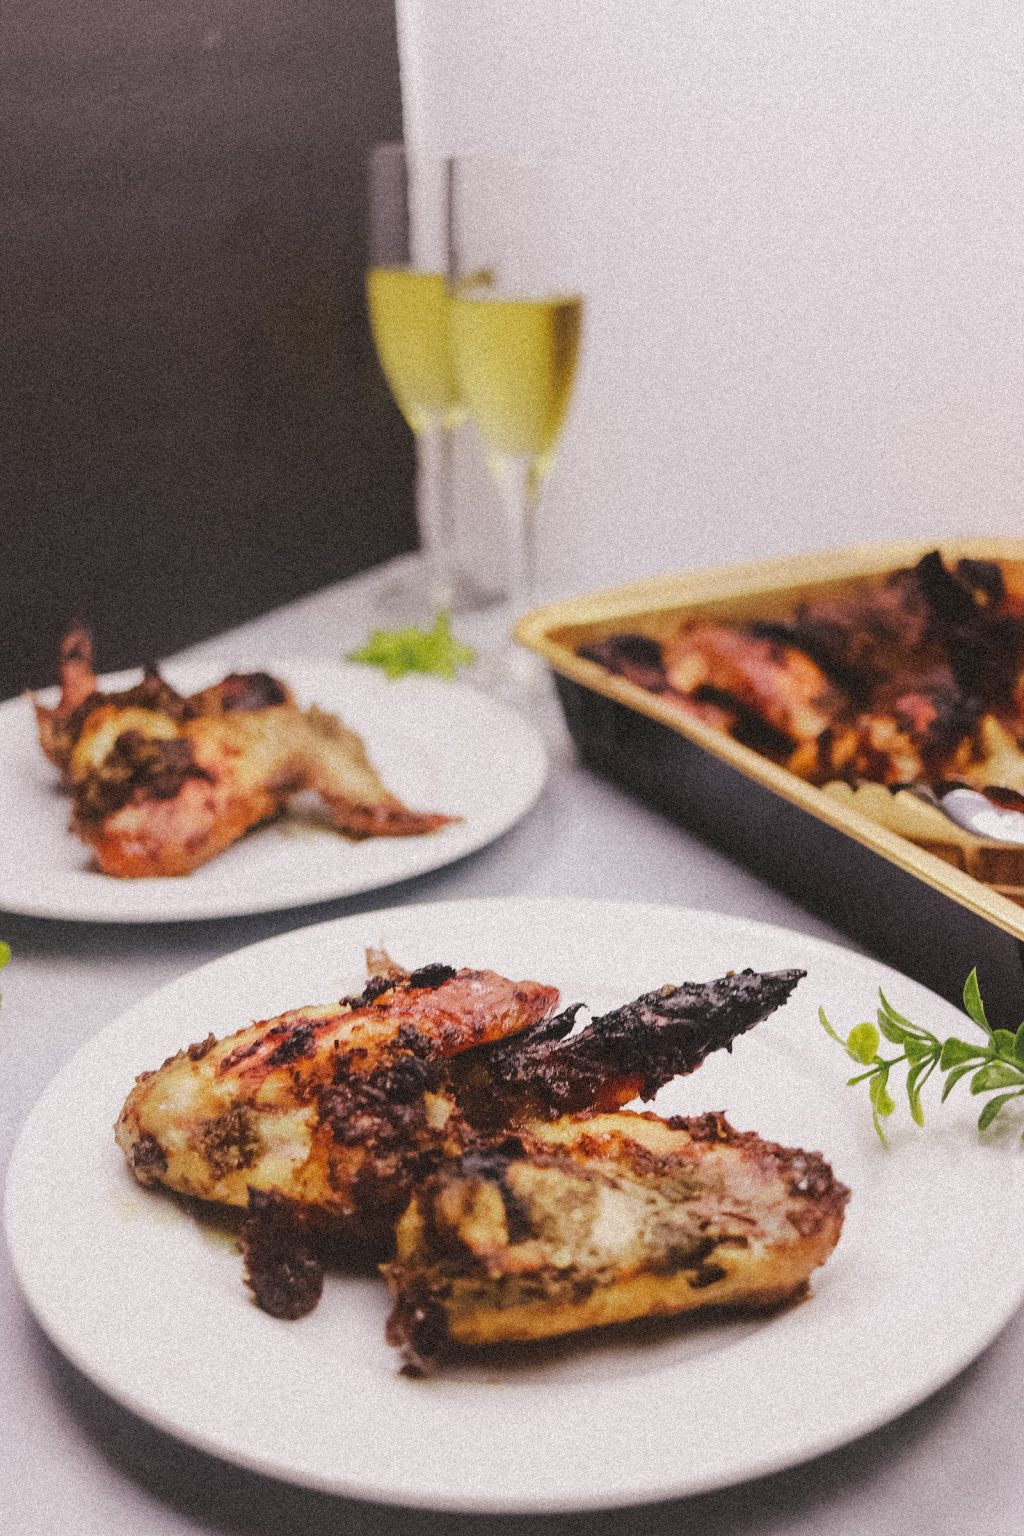 jamaican jerk chicken wings recipe 4702 1024x1536 - Oven Roasted Jamaican Jerk Chicken Wings Recipe | Easy & Delicious